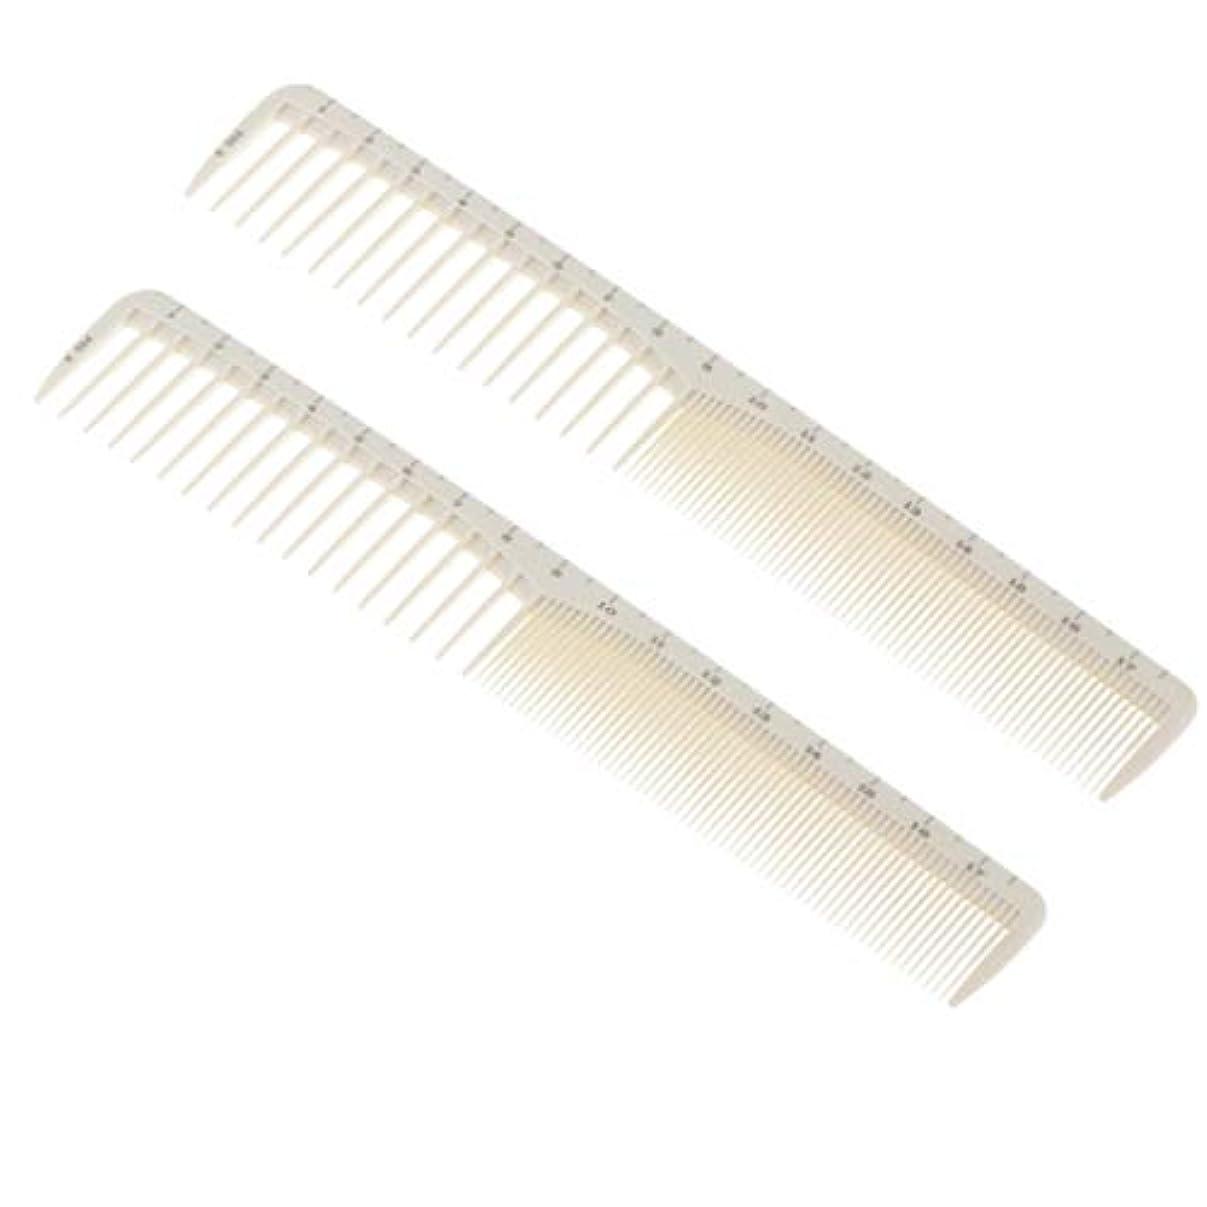 パースブラックボロウ数字甘くするヘアダイコーム ヘアブラシ 櫛 スケール付き 両用 ヘアカット 低静電気 頭皮マッサージブラシ 2本